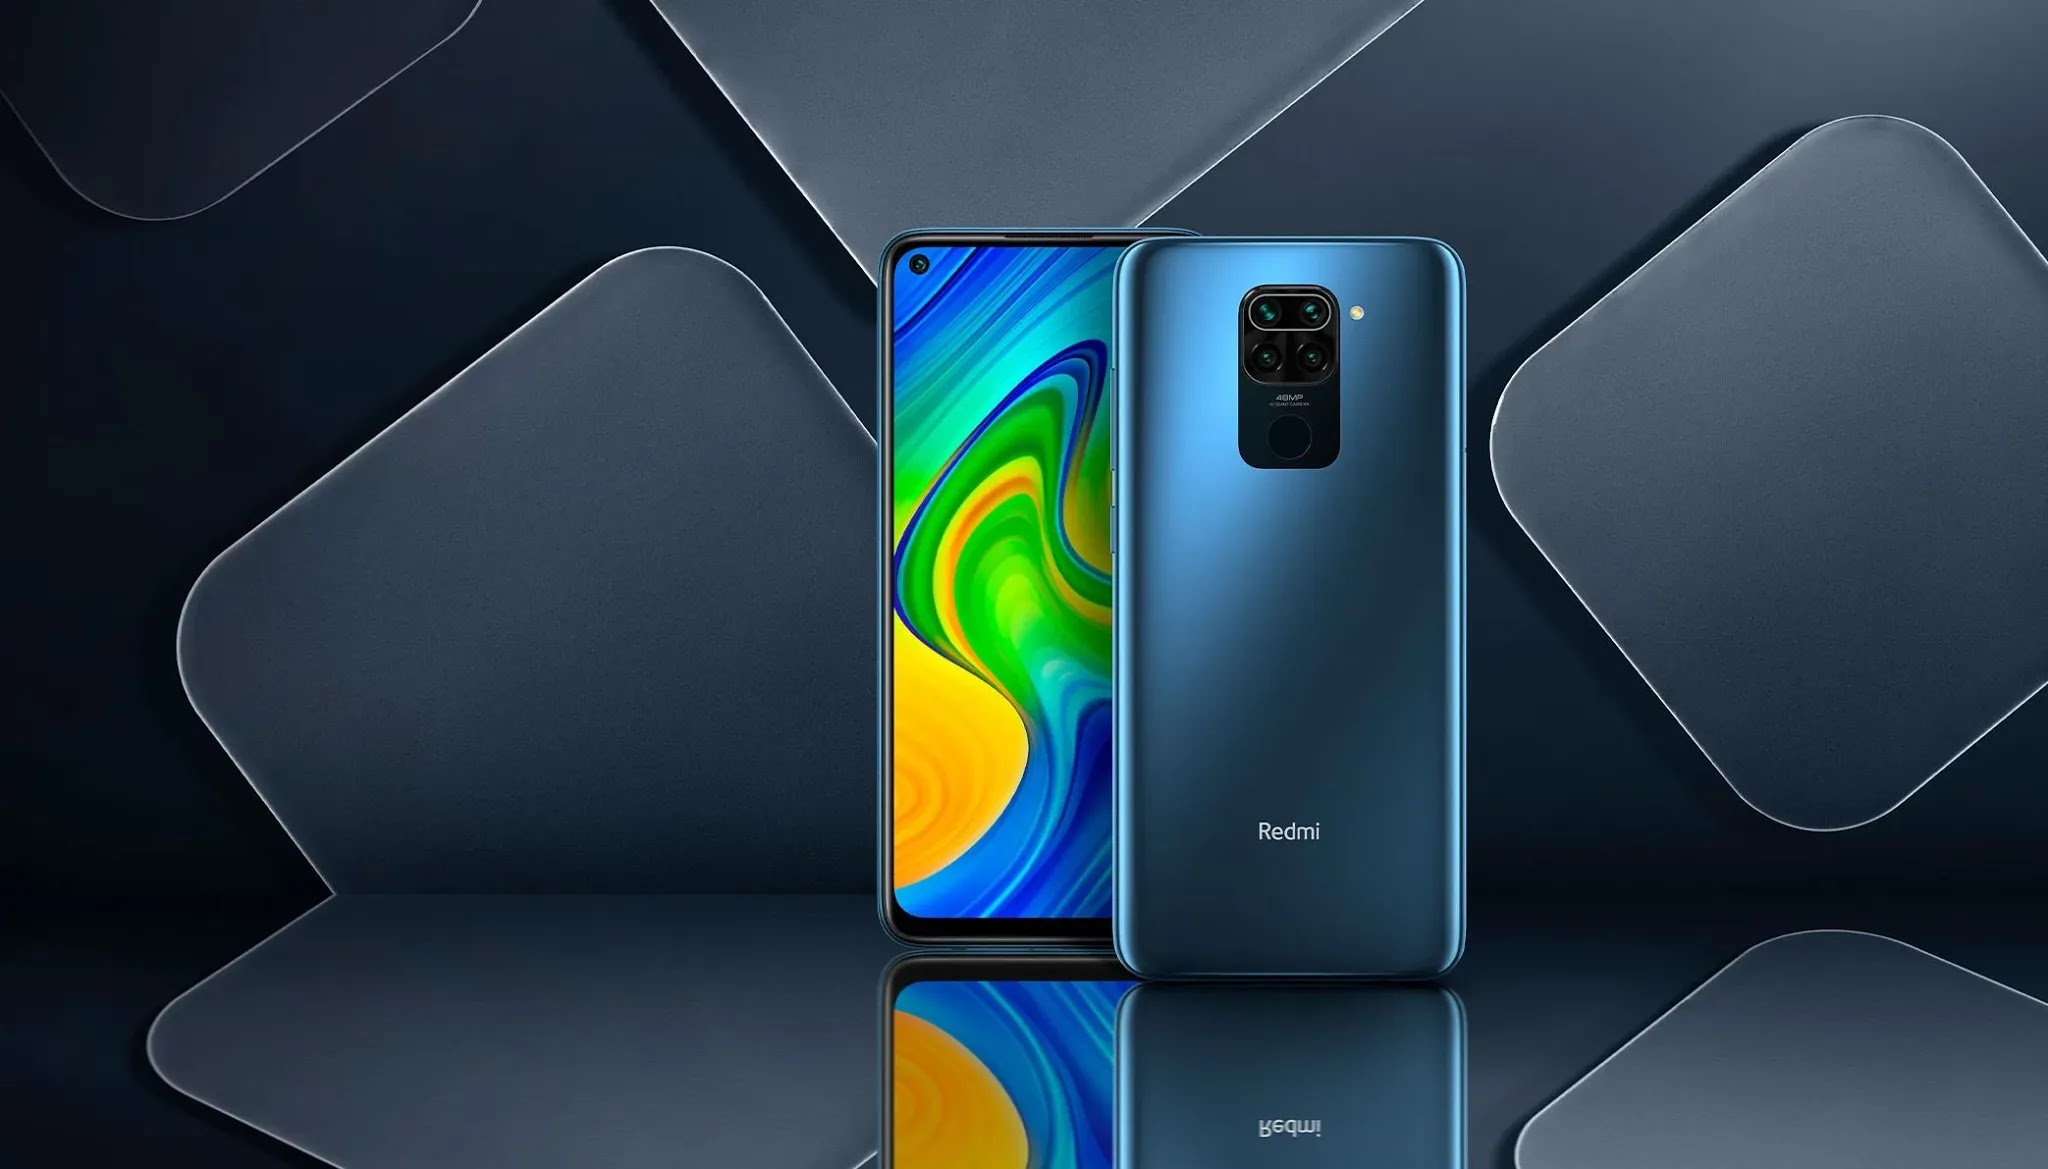 أفضل 5 هواتف محمولة للشراء بأقل من 259 دولار